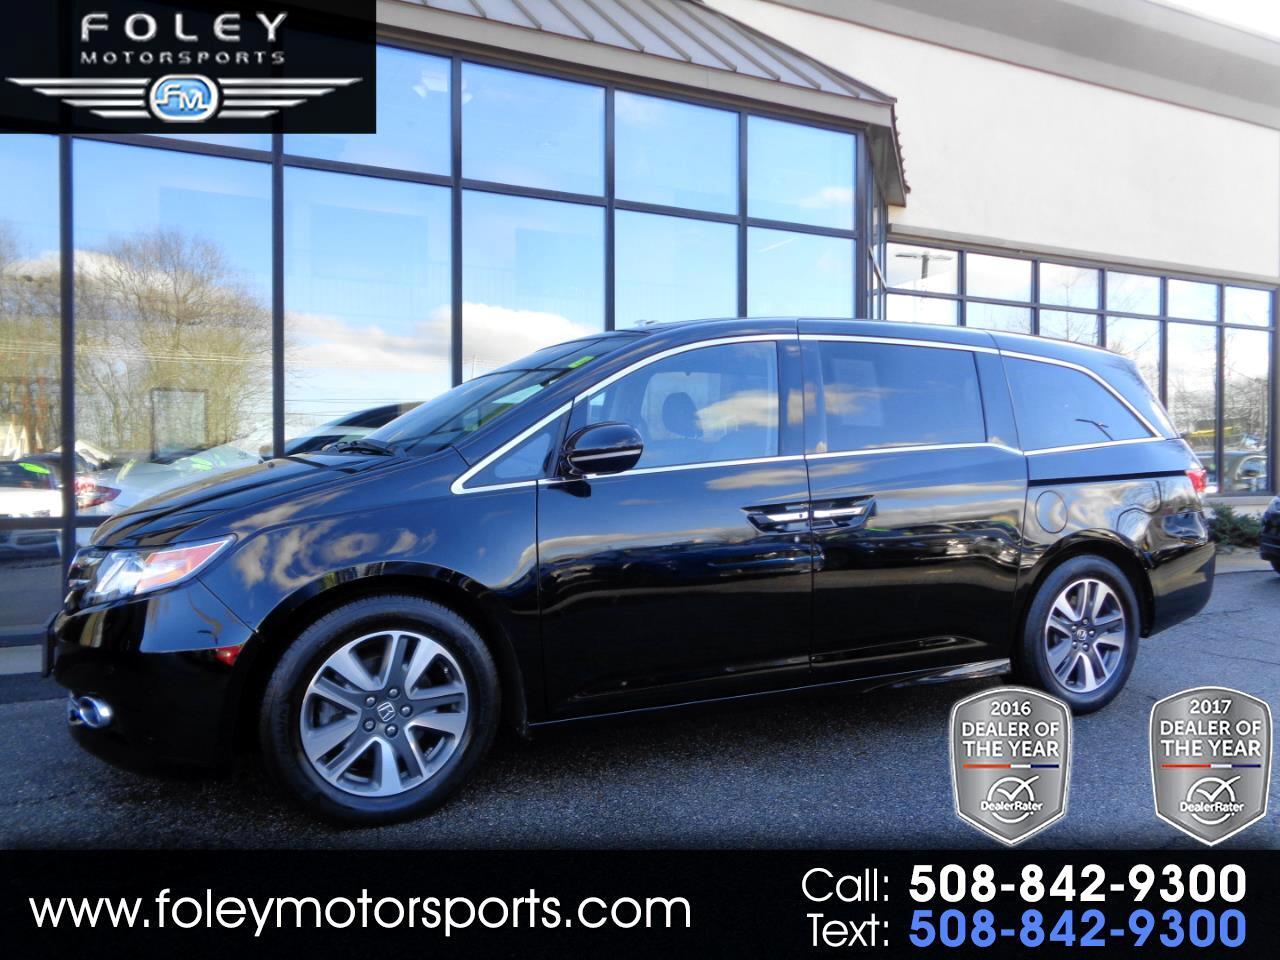 2016 Honda Odyssey 5dr Touring